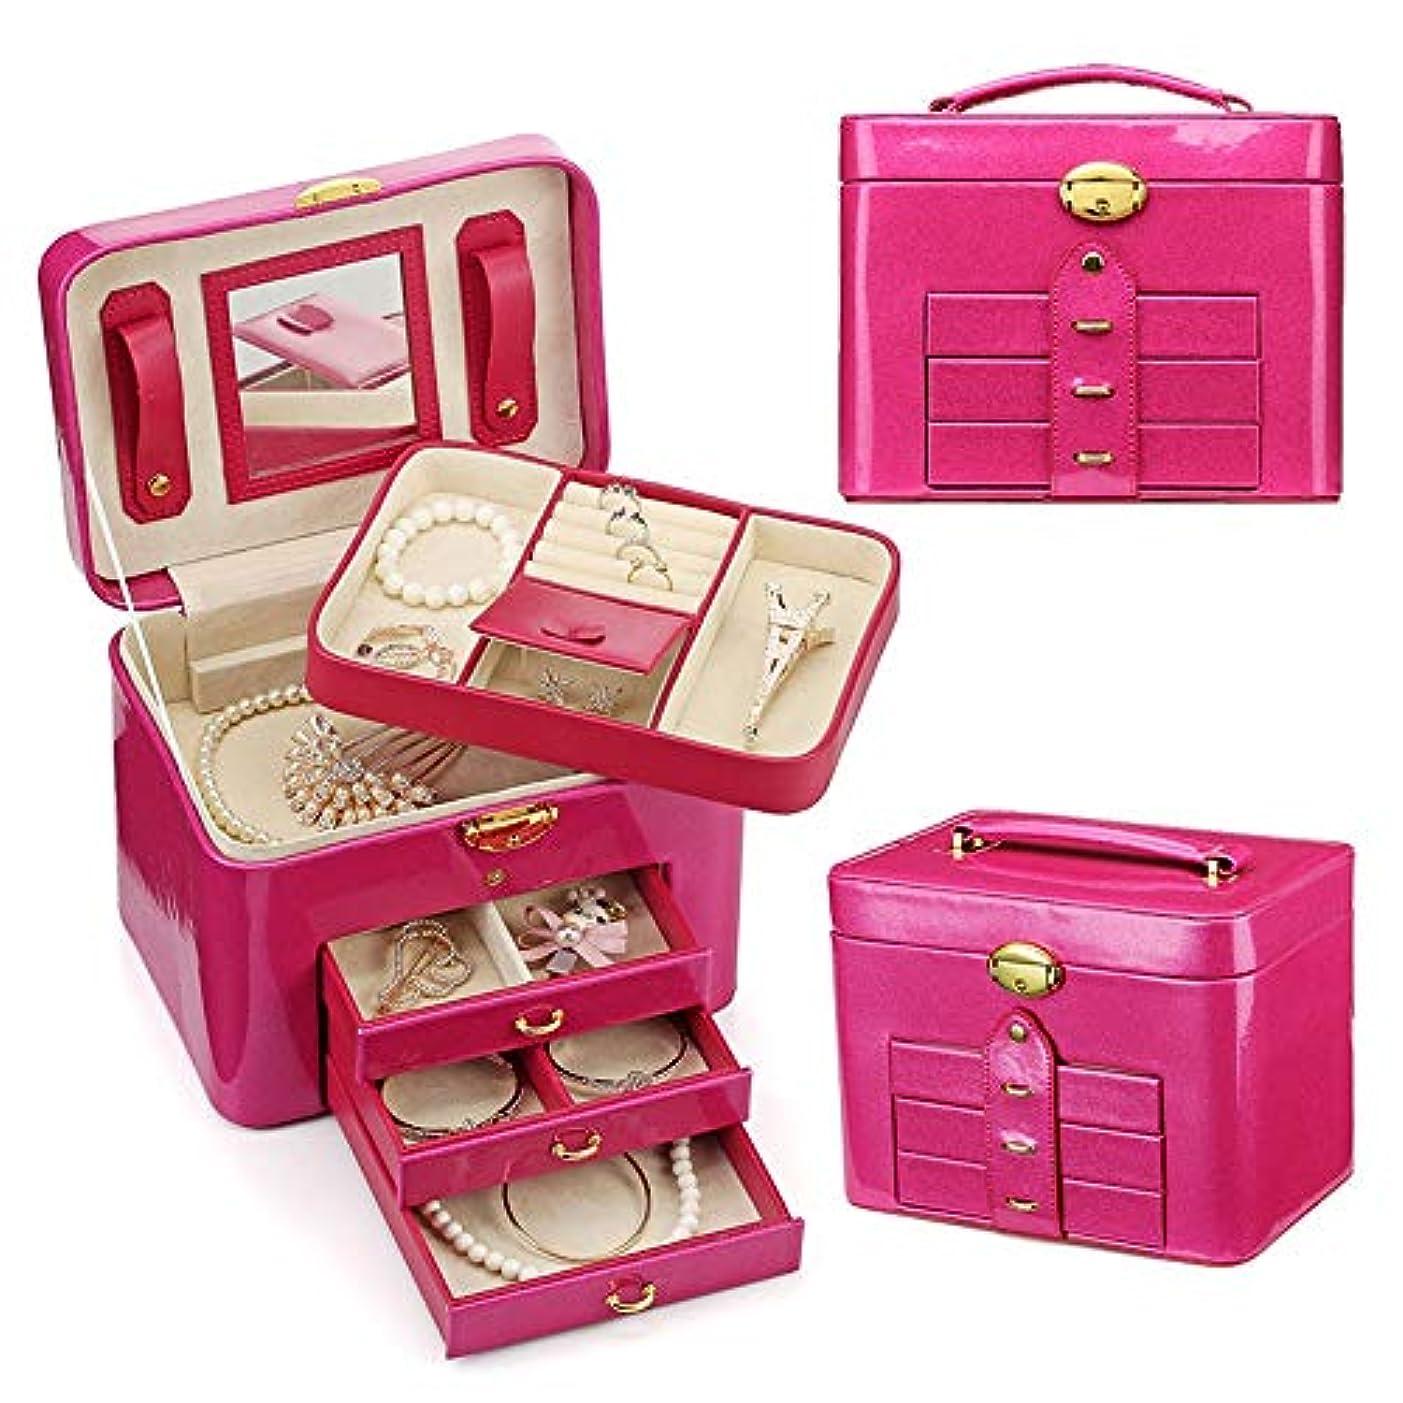 スプリット統計クラス化粧オーガナイザーバッグ 多層の引き出し女性の宝石の収納箱小物のストレージのための 化粧品ケース (色 : ローズレッド)